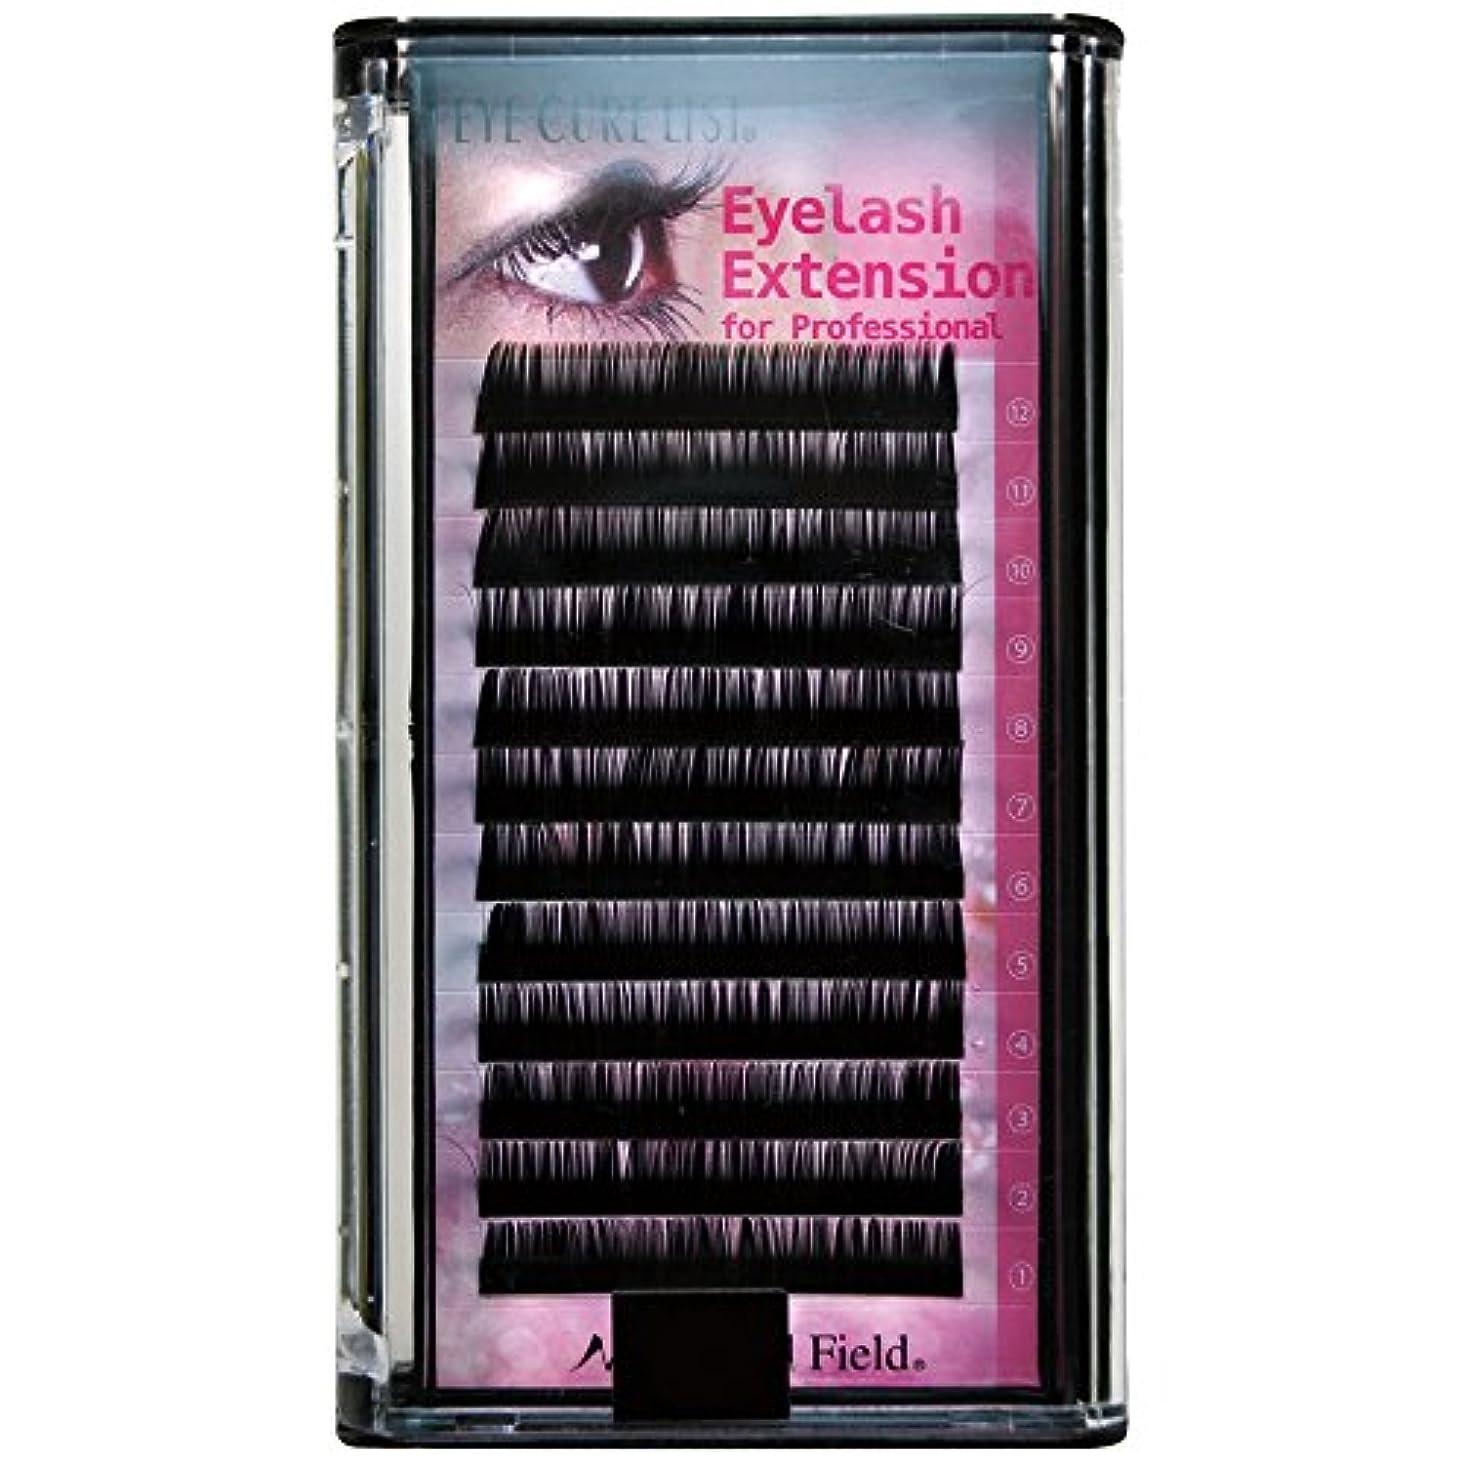 保護秘密の窓を洗うNFS プロ用まつげエクステ 97129 J 0.15*13mm